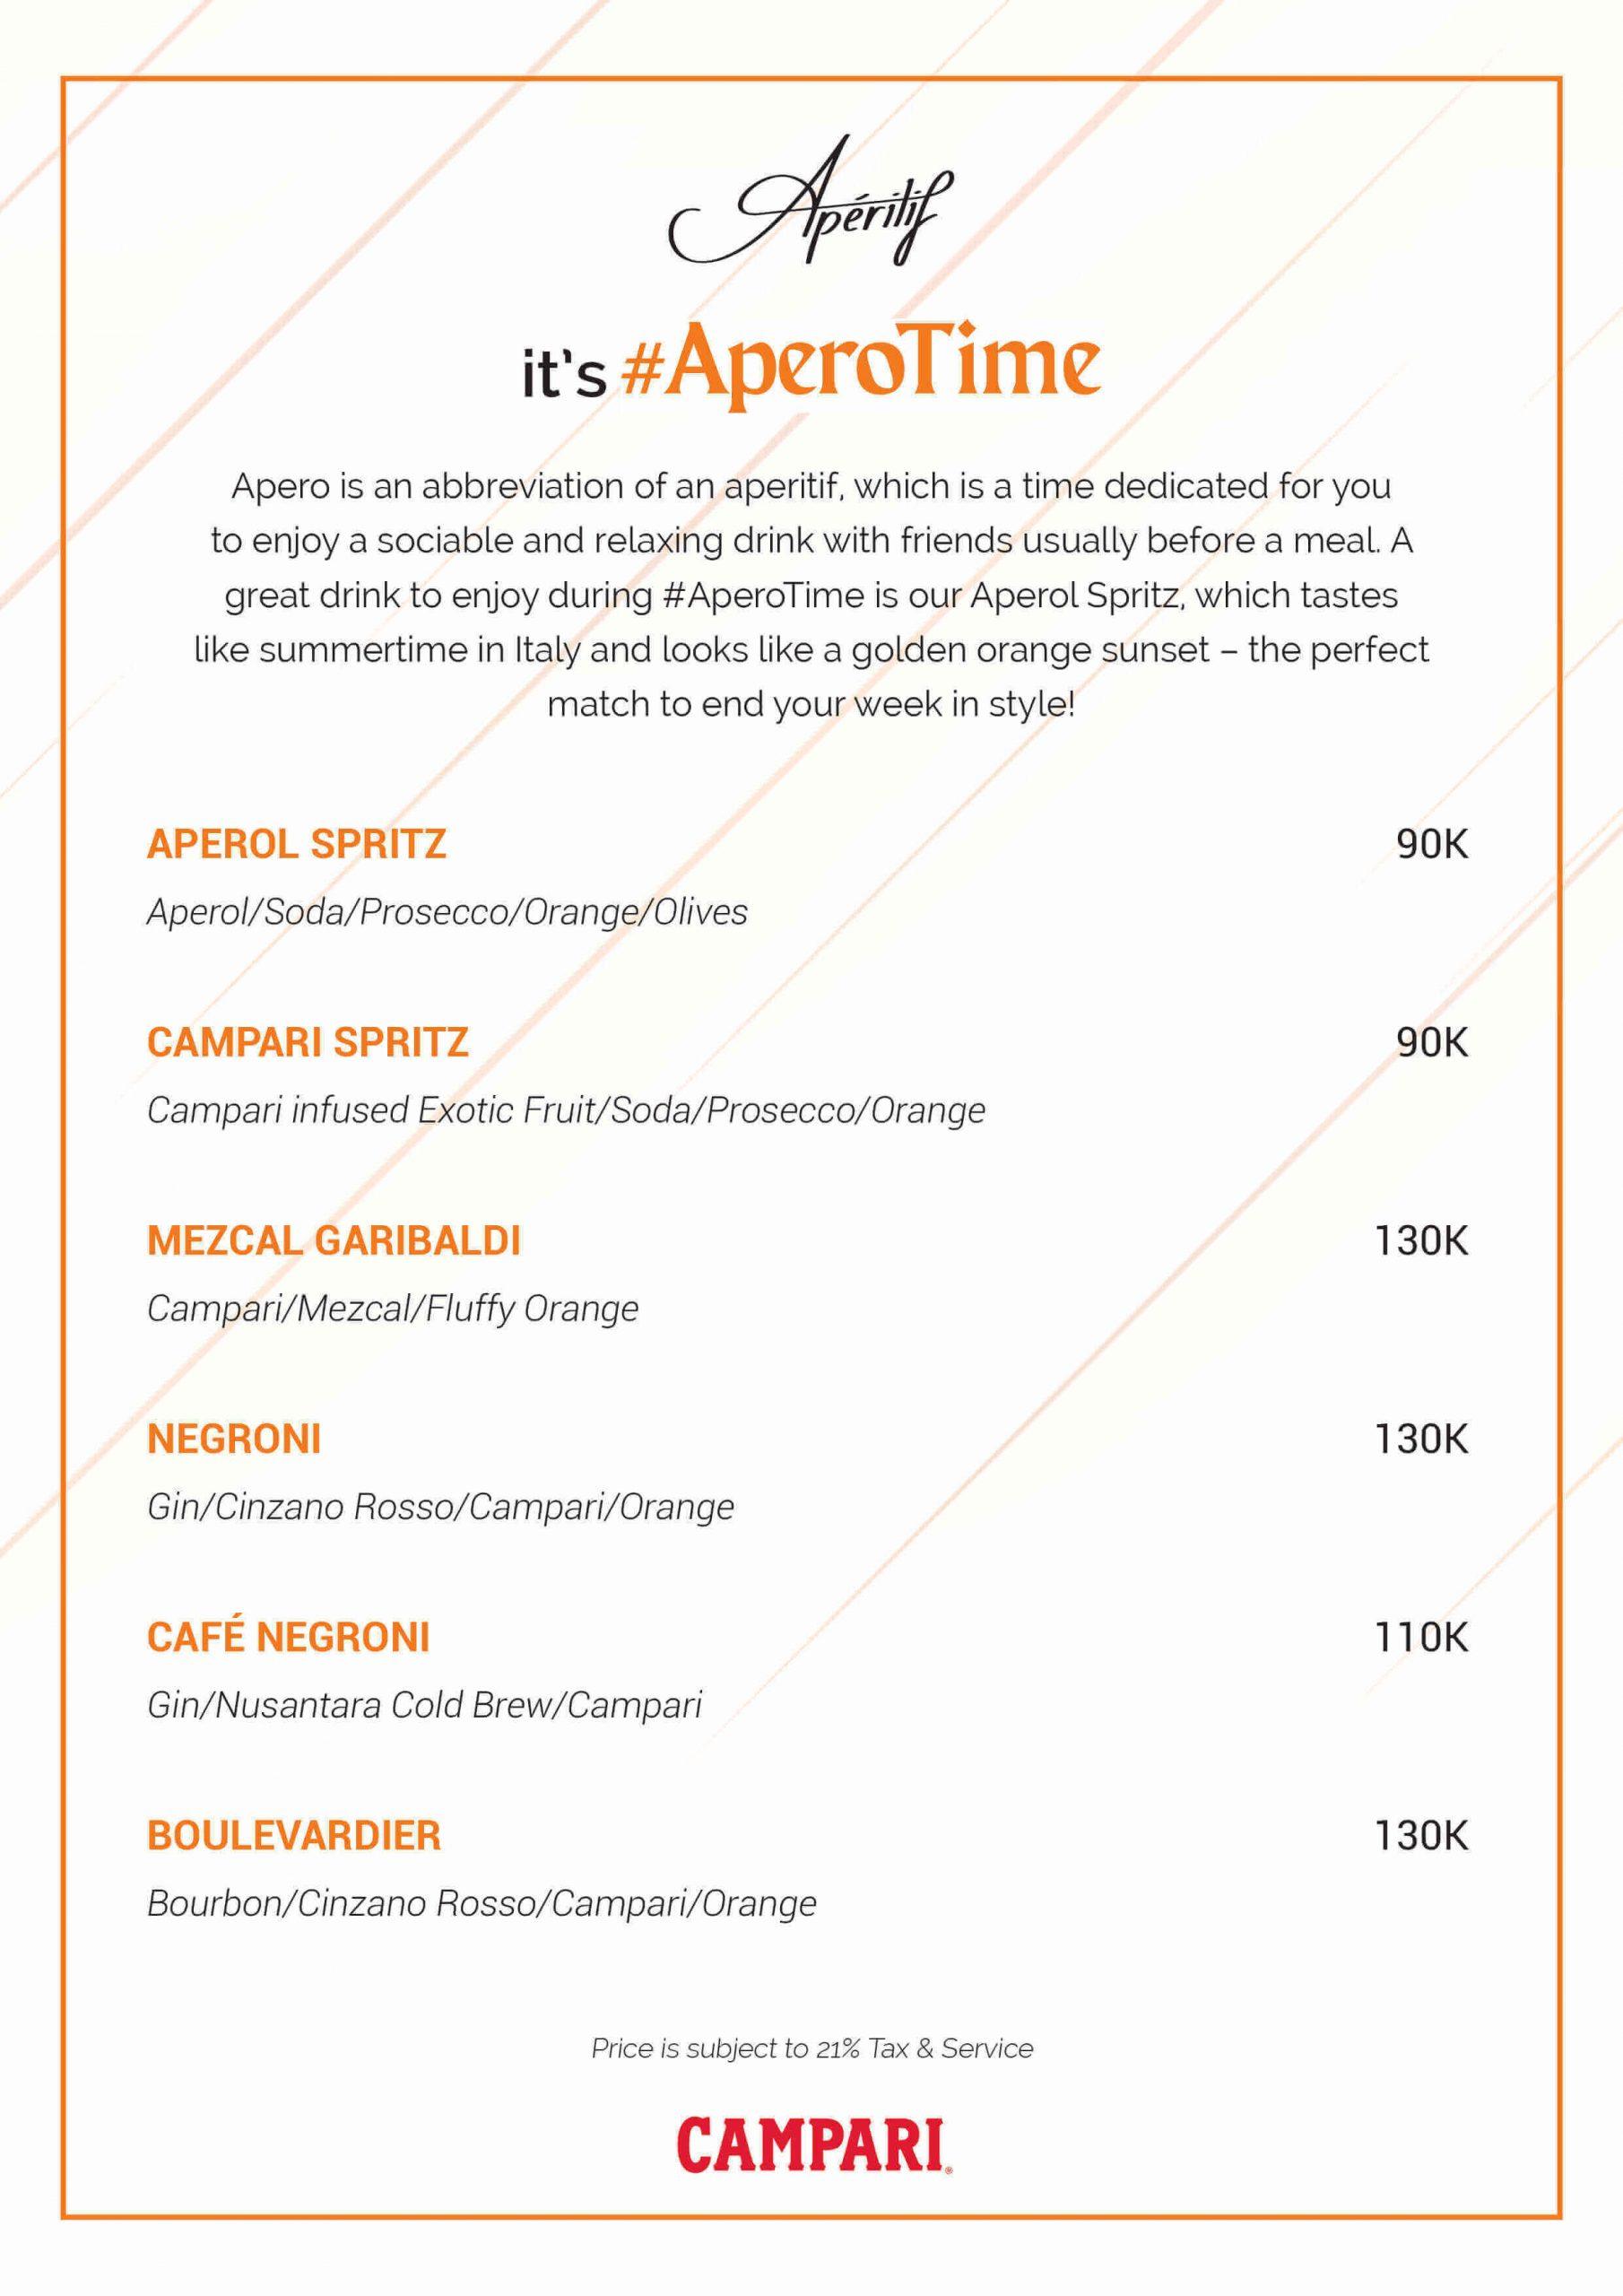 #AperoTime at Apéritif